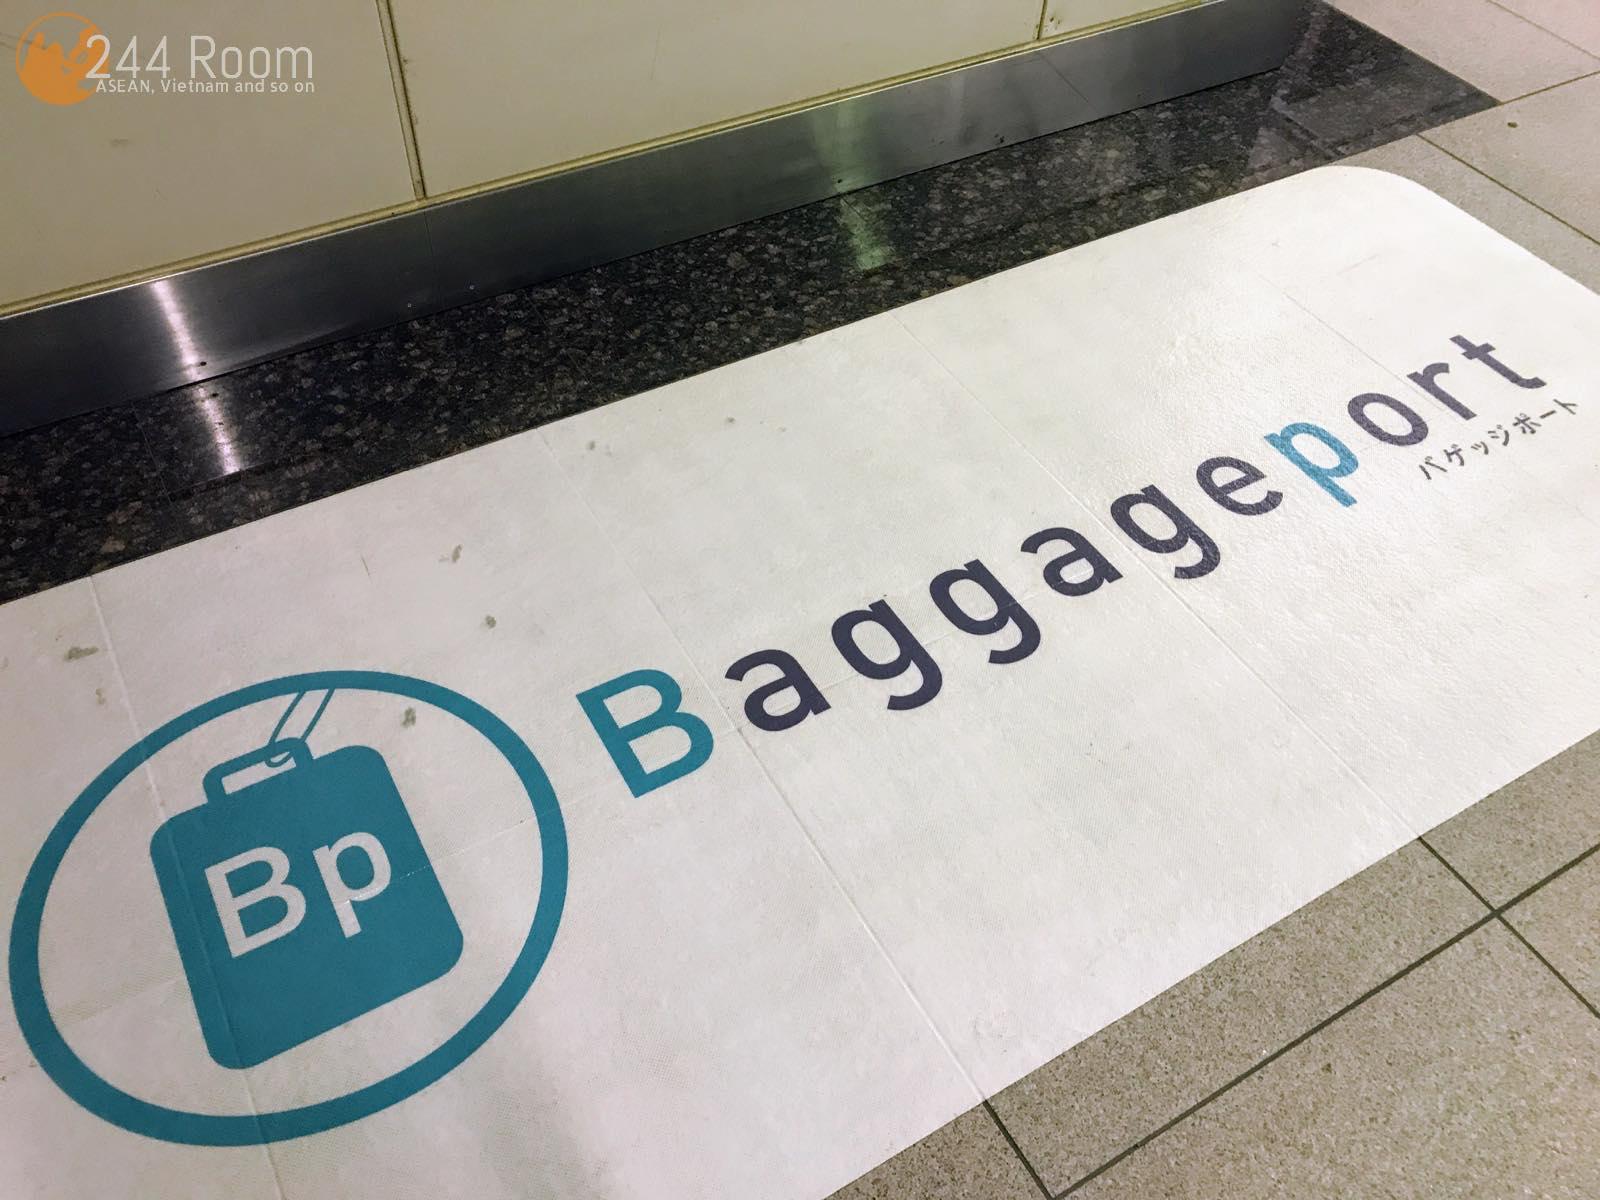 大宮駅バッゲジポート Baggageport